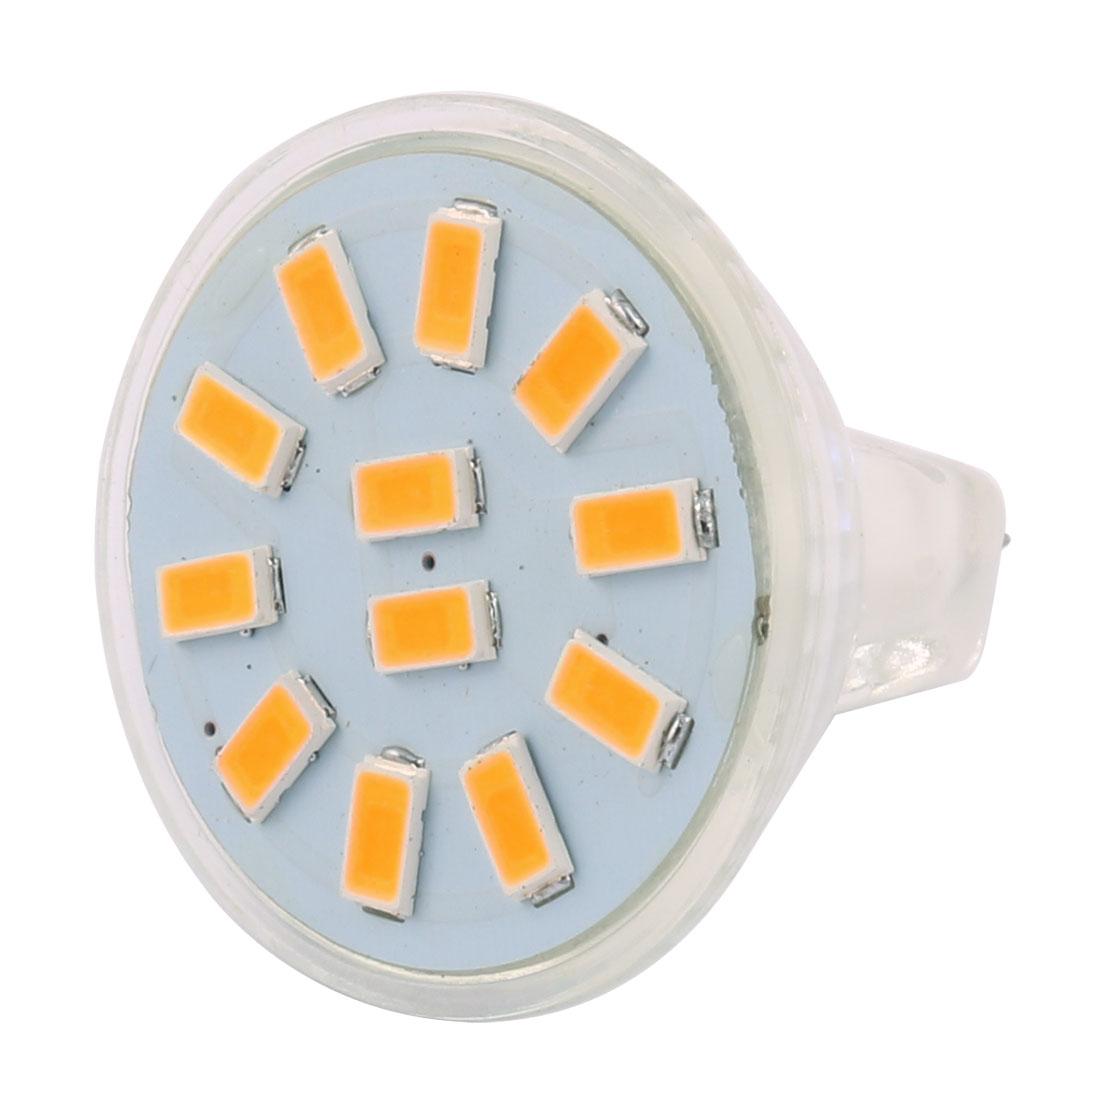 12-30V 3W MR11 5730 SMD 12 LEDs LED Bulb Light Spotlight Lamp Lighting Warm White